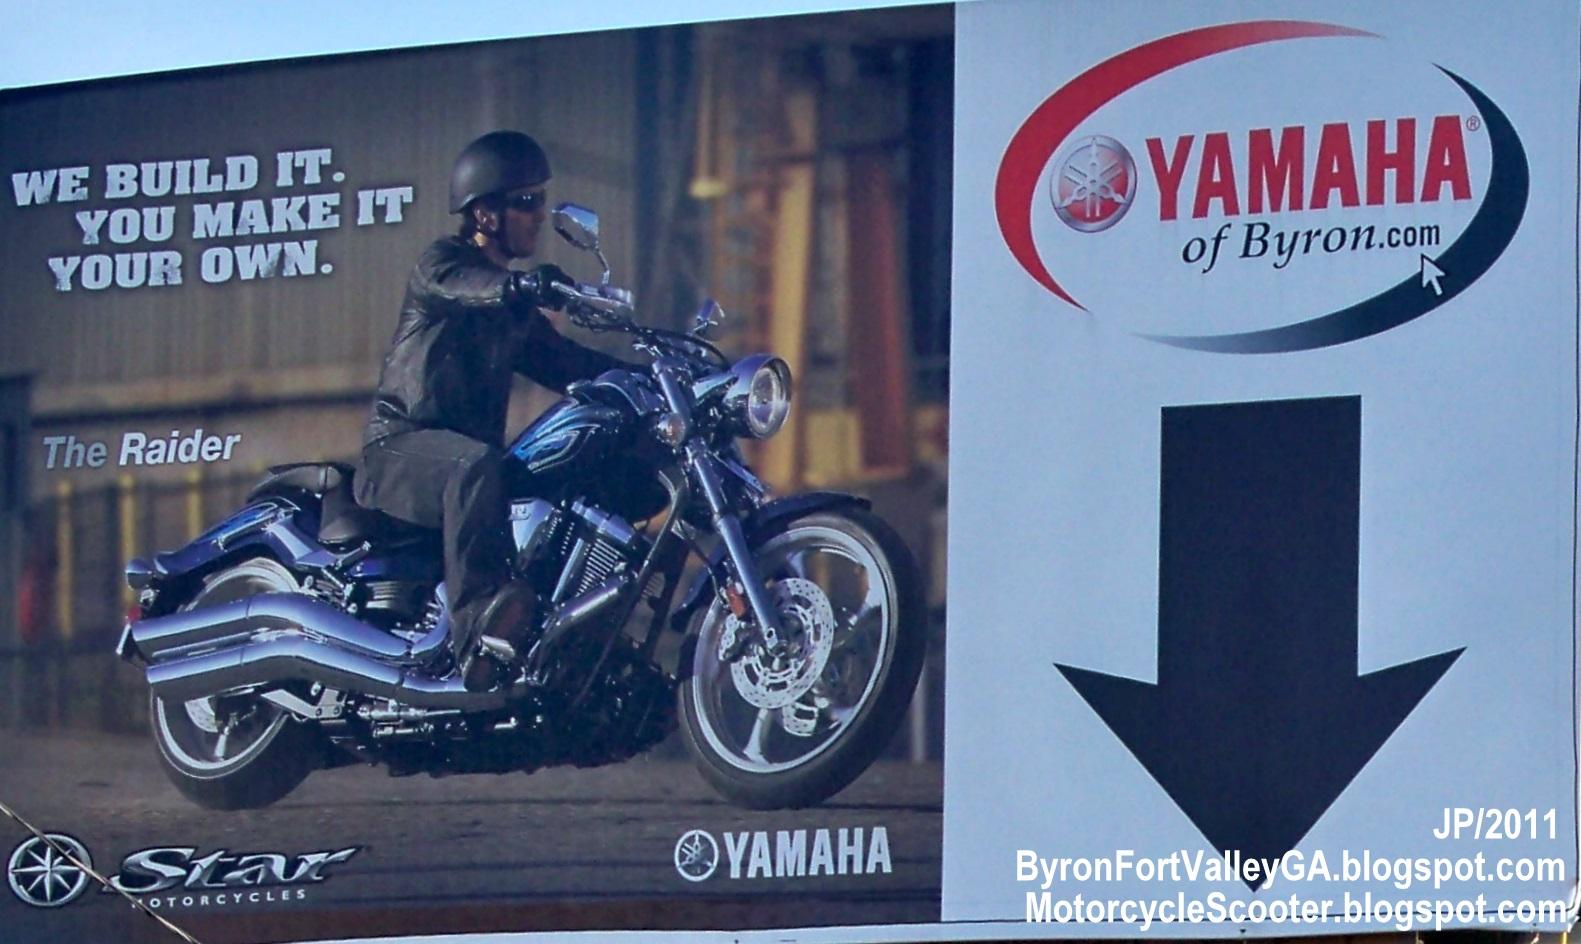 byron georgia yamaha of byron motorcycle atv utility